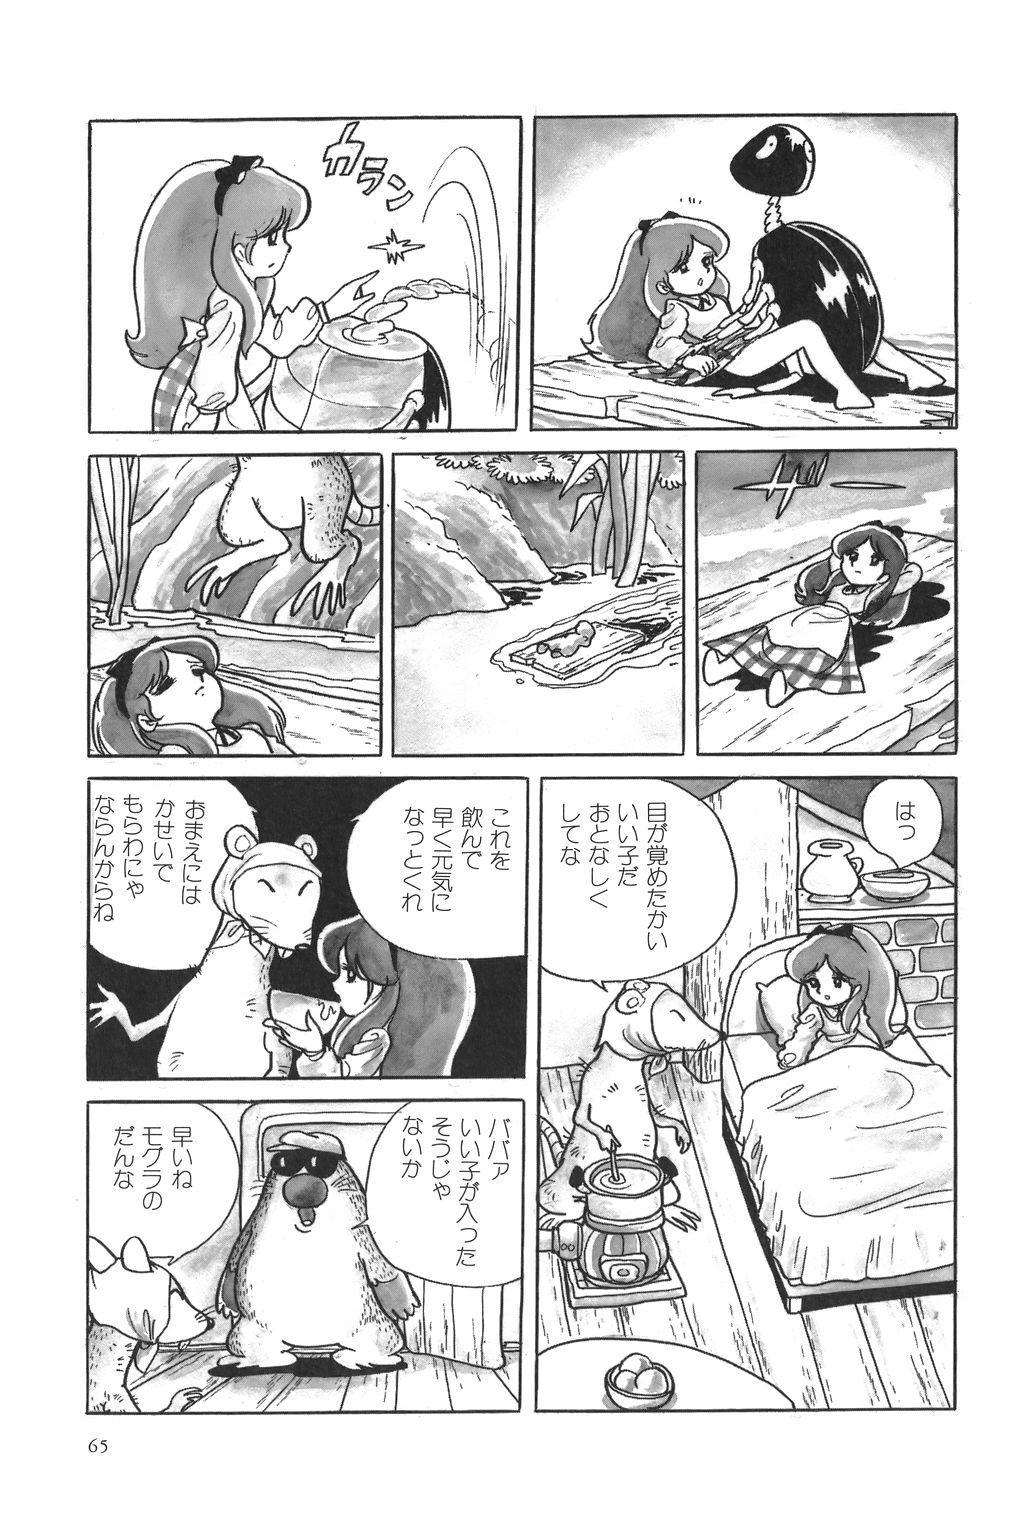 Azuma Hideo Sakuhin Shuusei - Yoru no Tobari no Naka de 69